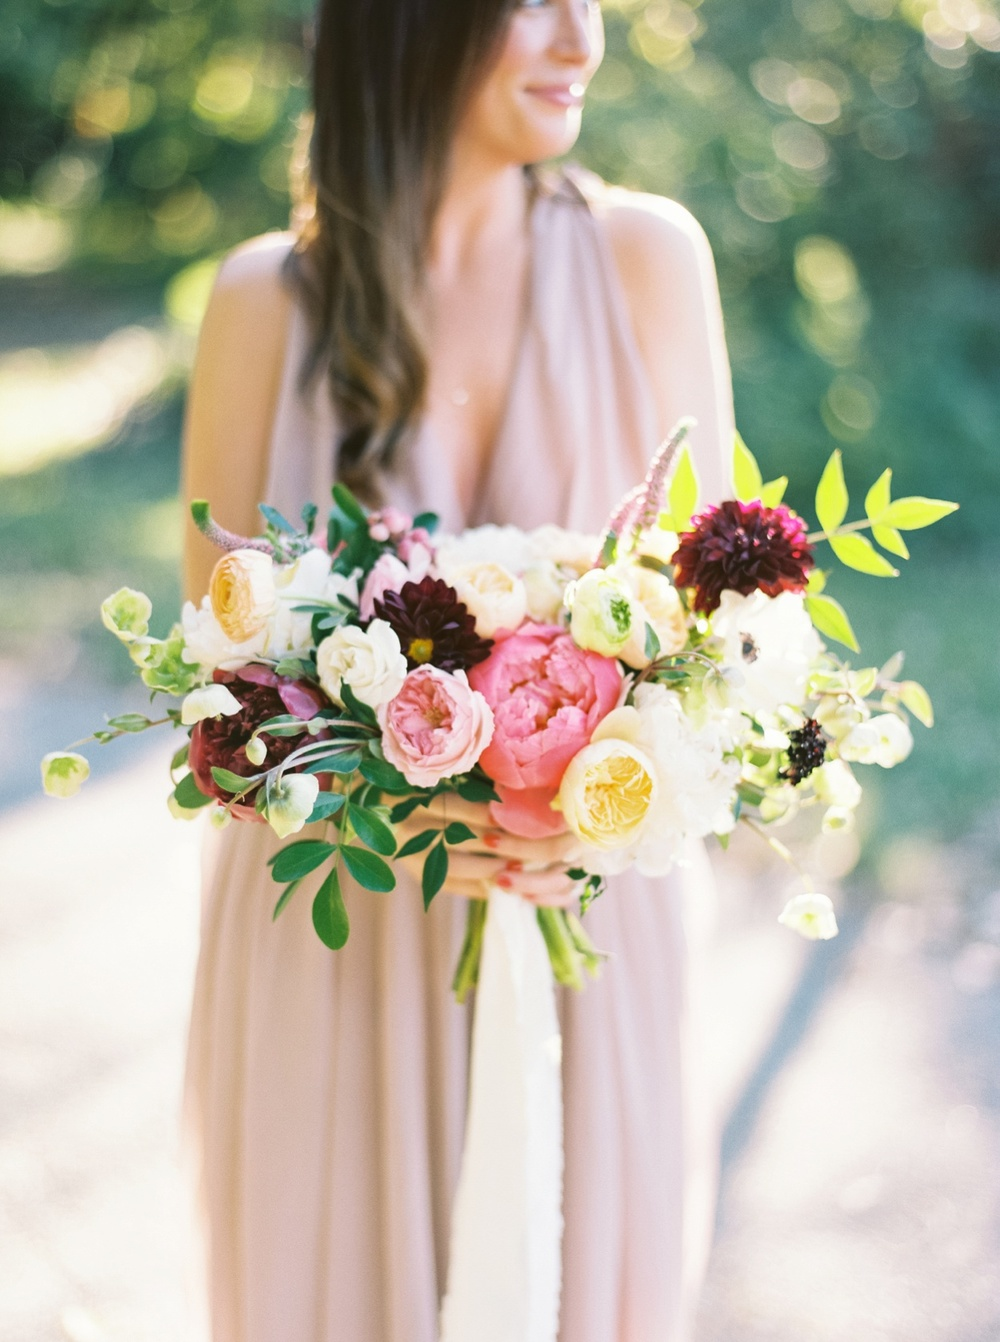 Lubbock florist, Candelaria Designs